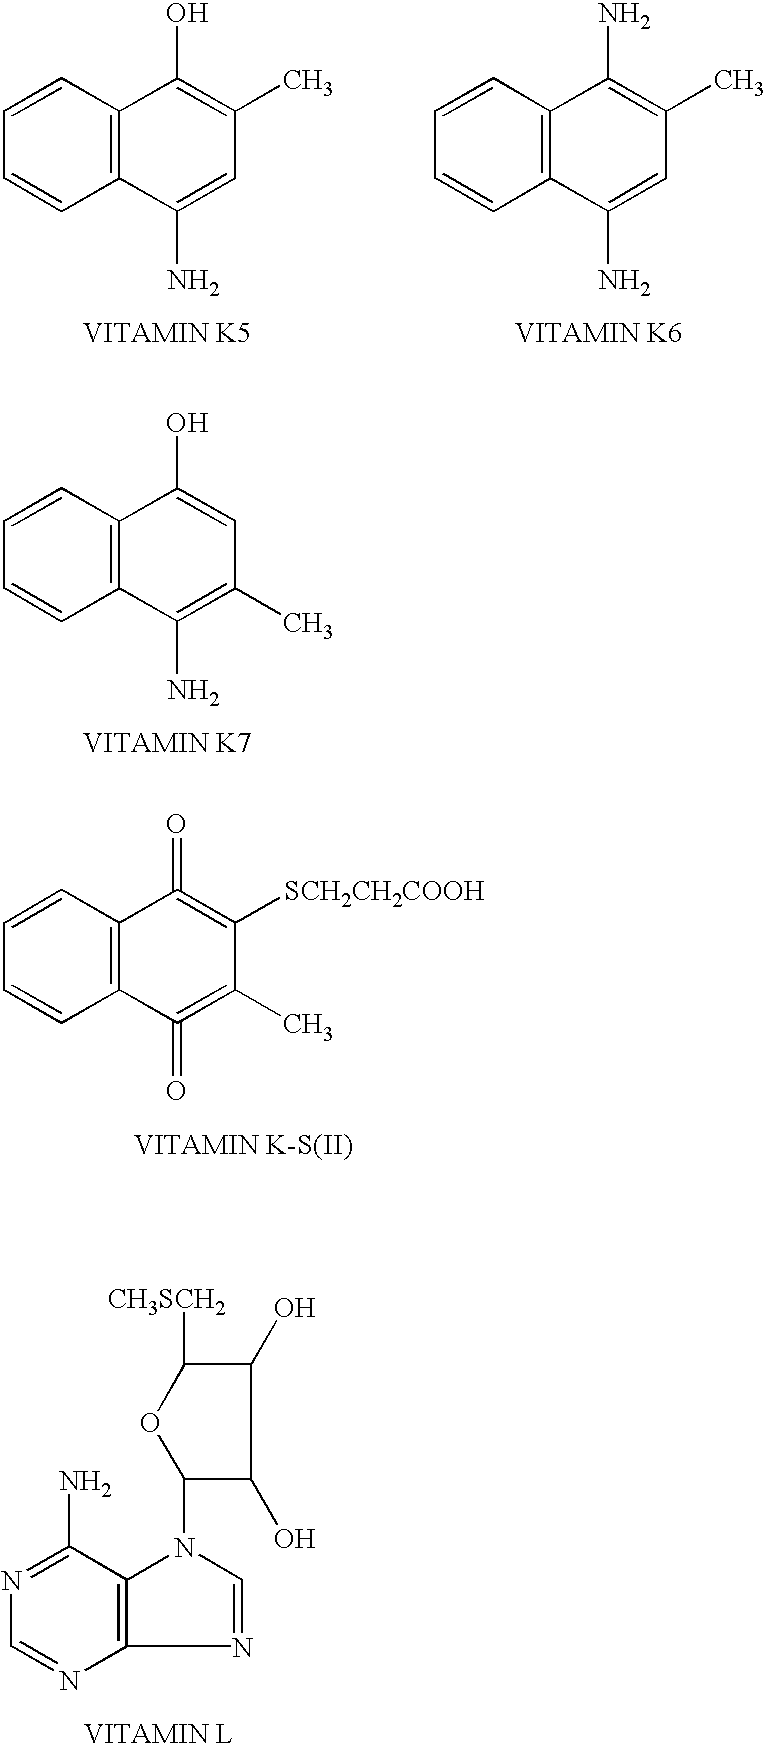 Figure US20030186213A1-20031002-C00002